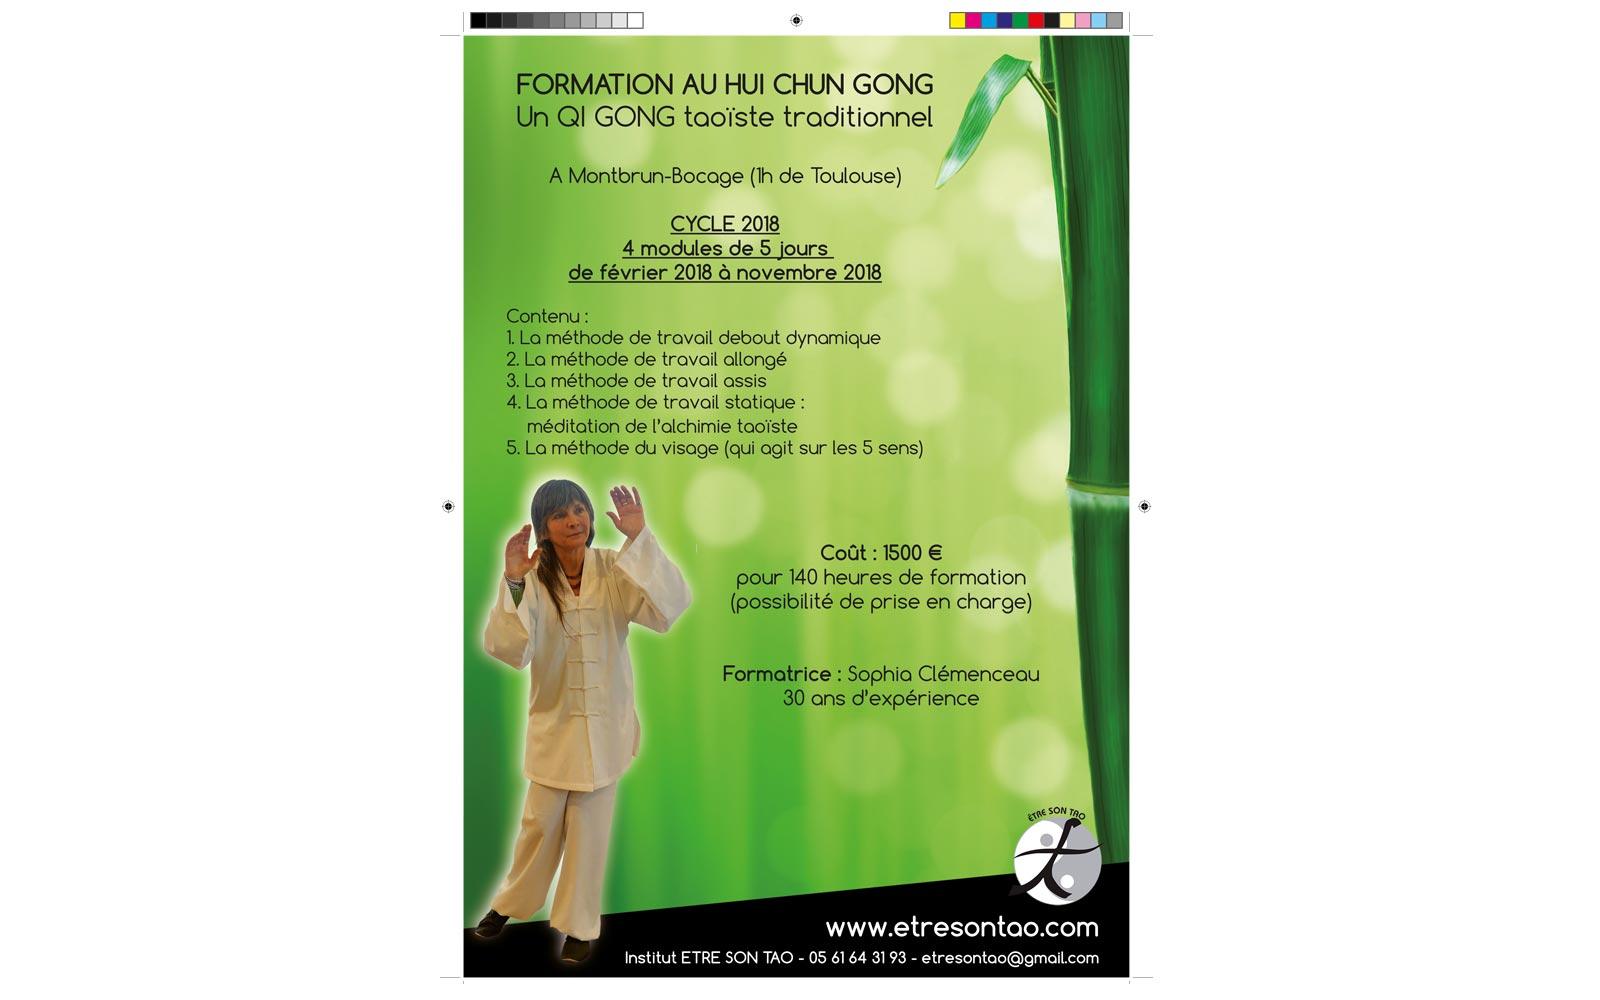 Affiche Formation Hui Chun Gong